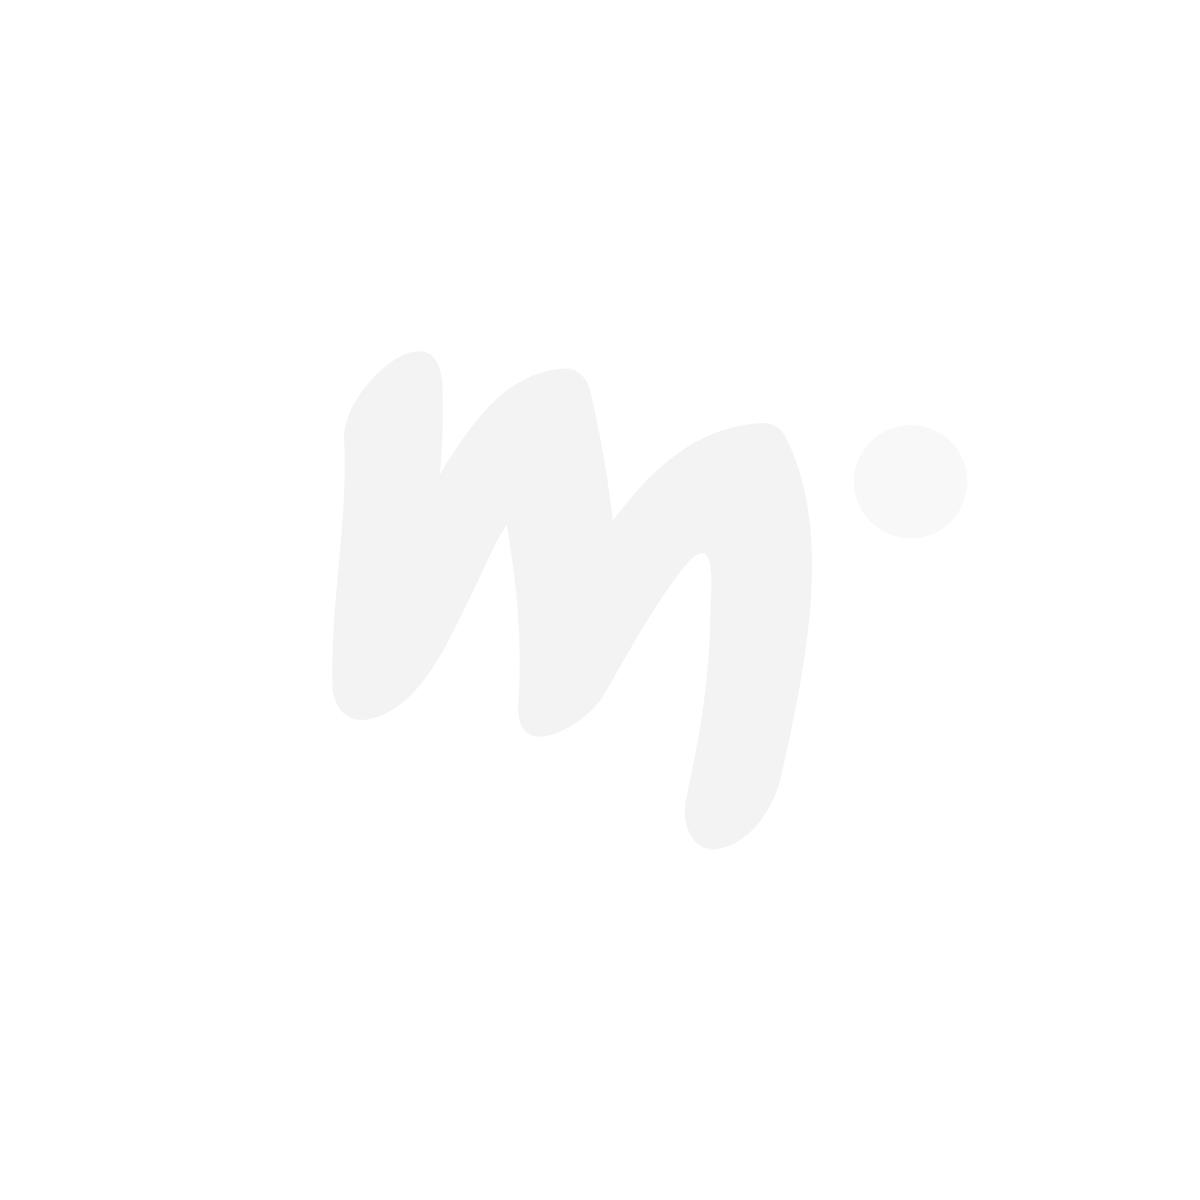 Moomin Hattfattener Huggable 60 cm